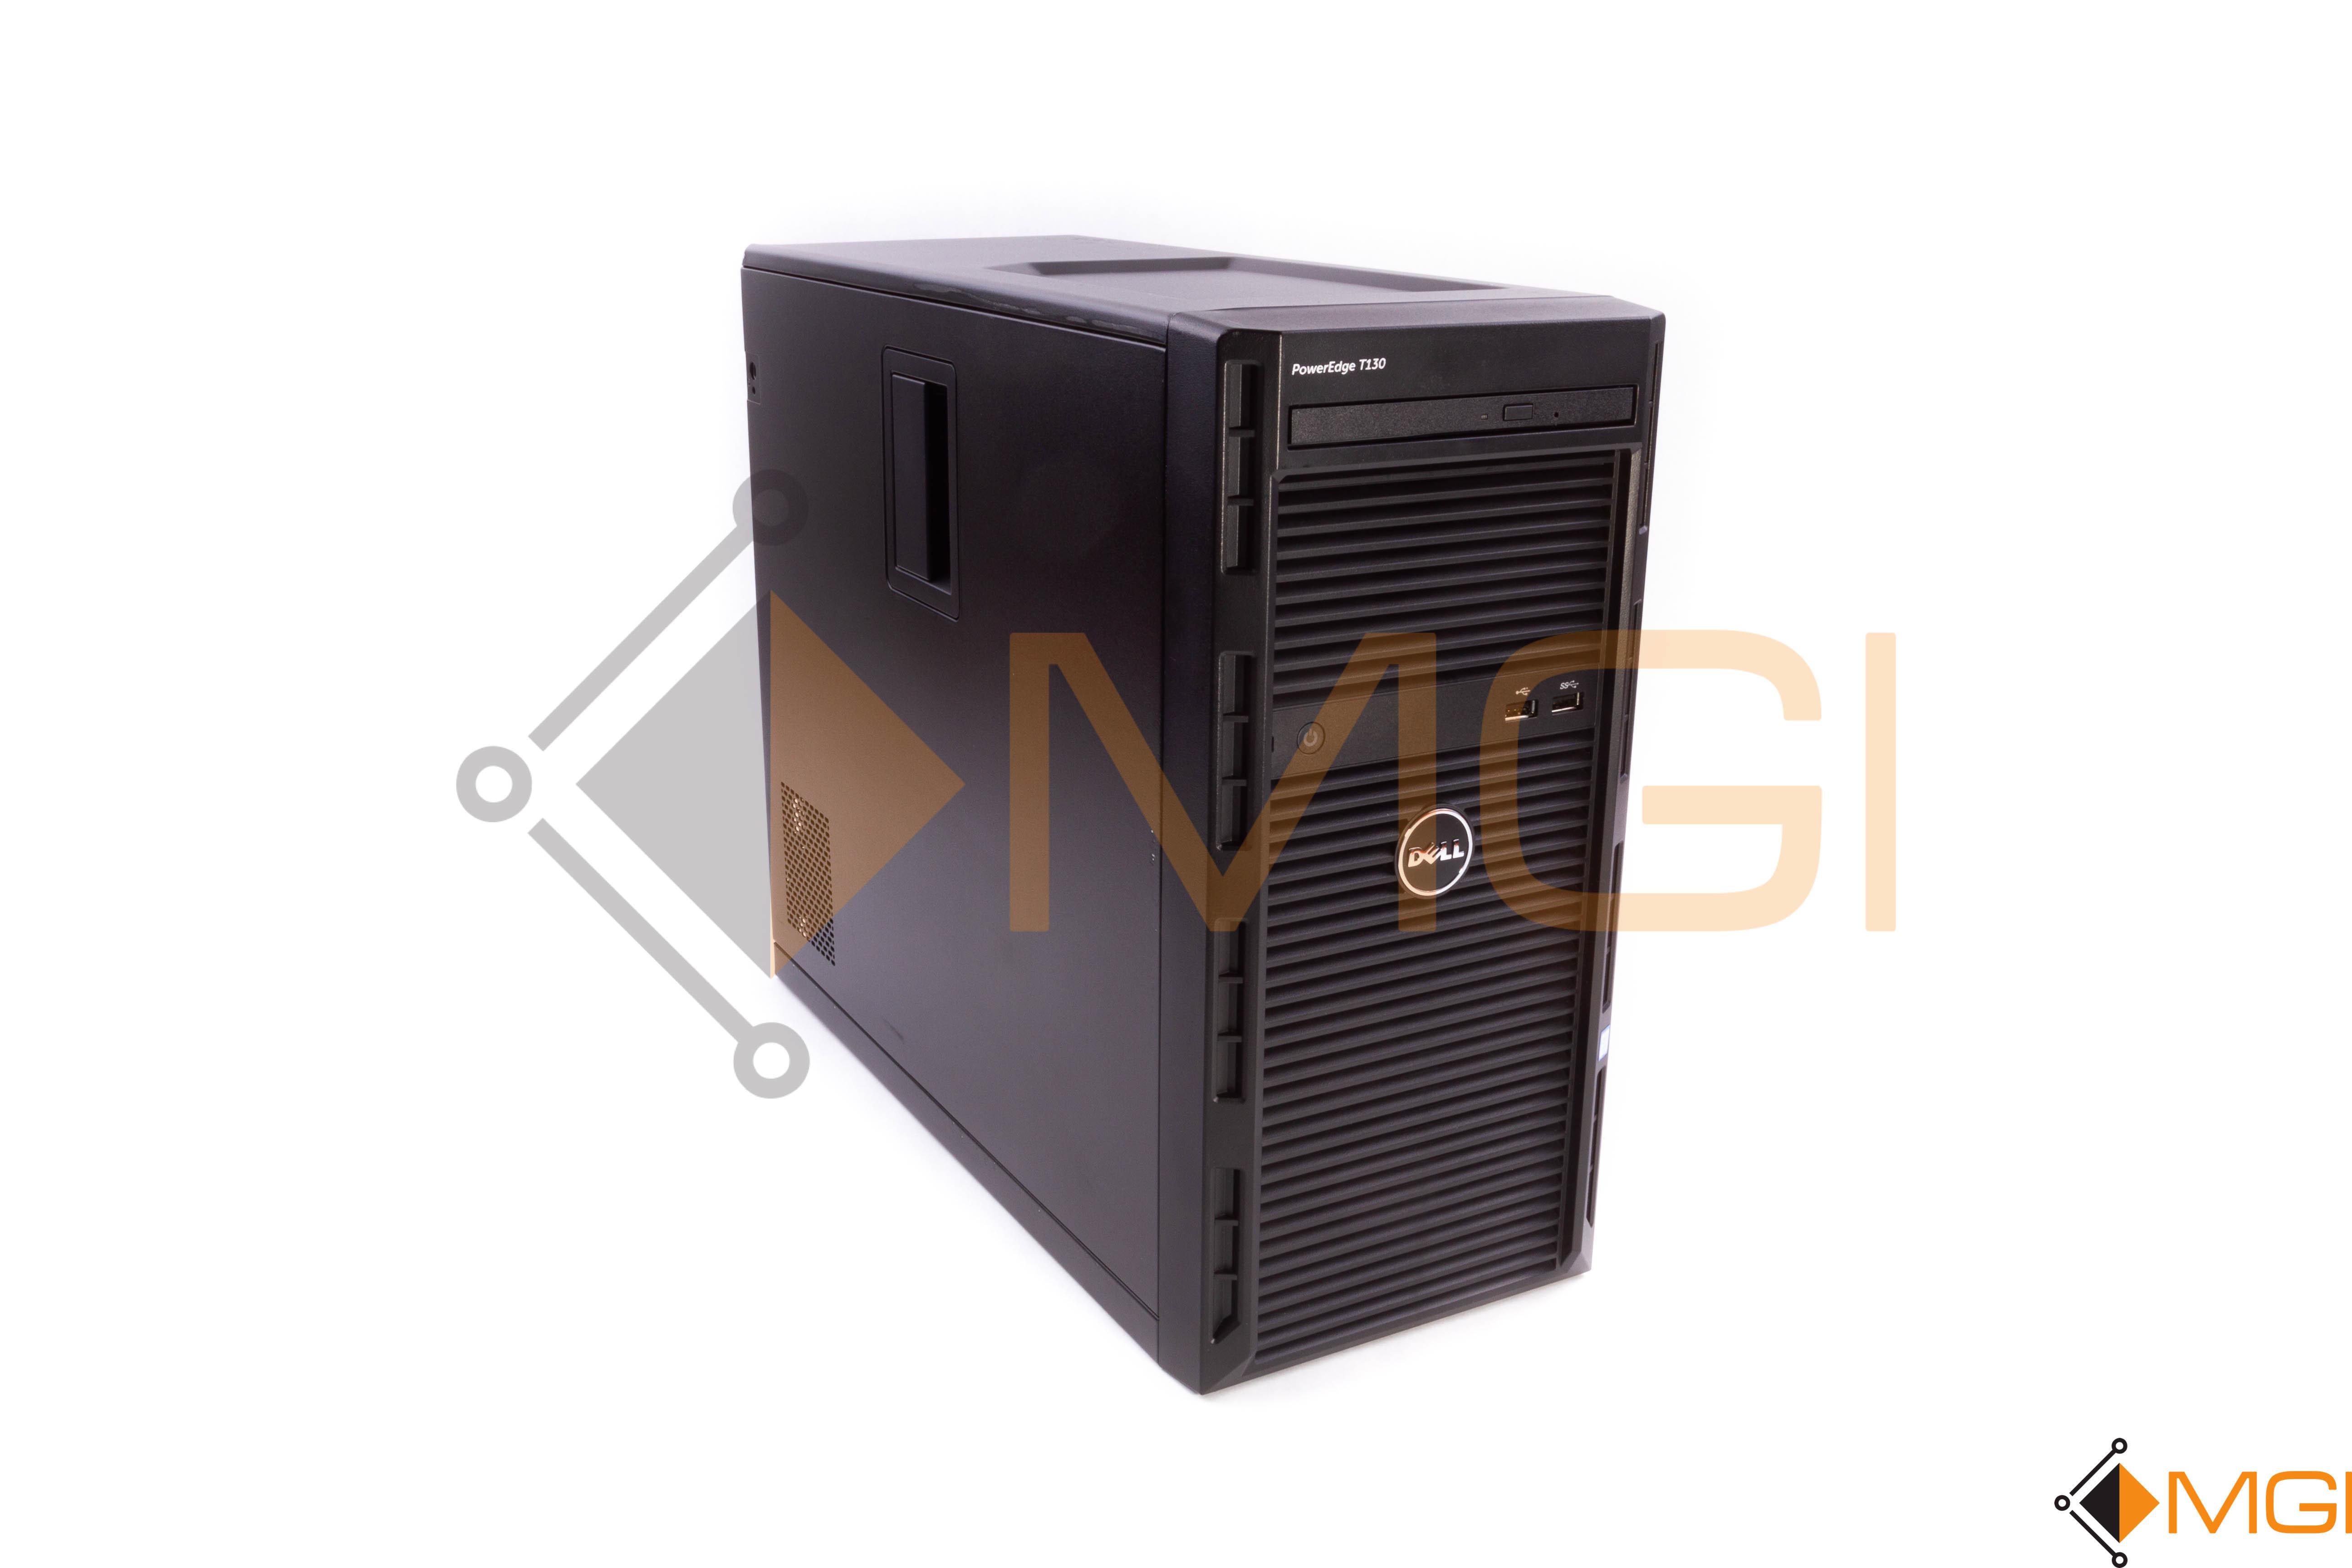 Details about DELL POWEREDGE T130 1XE3-1220V5 2X4GB 1RX8 PC4-2400T DETAILS  IN DESCRIPTION